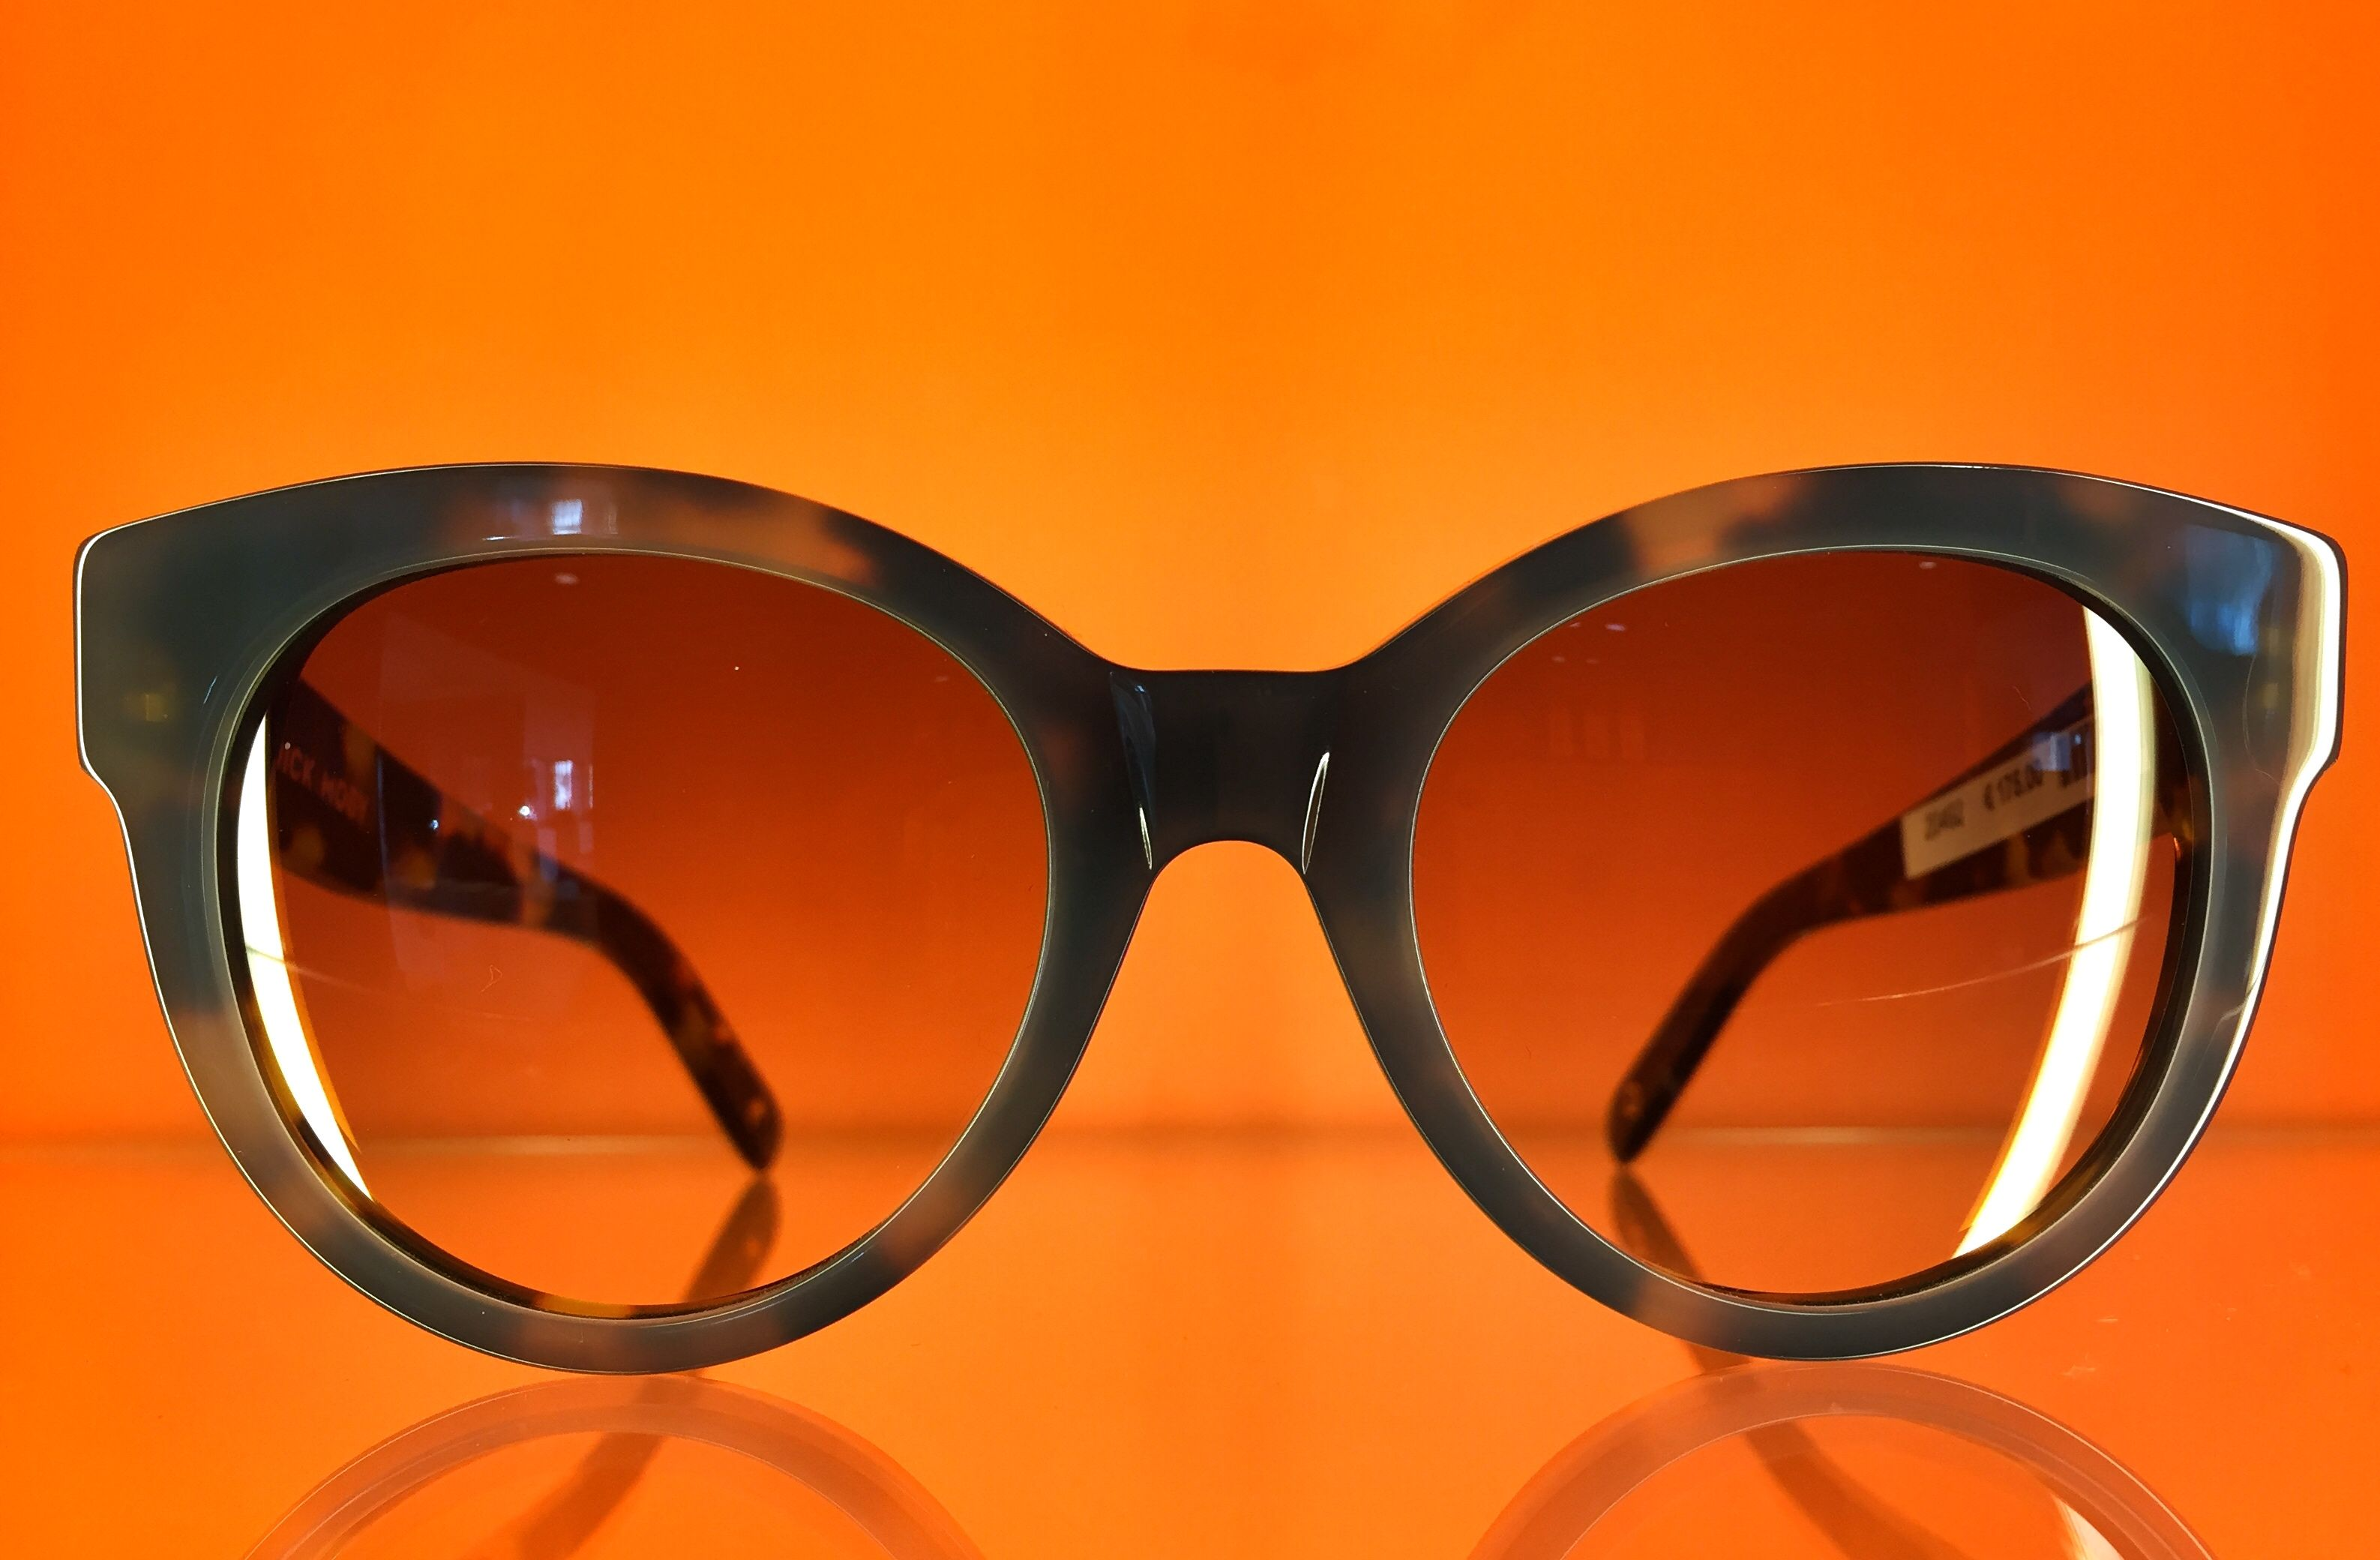 296106040294ea Dick Moby zonnebril.  recycle   carinevanbosseleopticians  optiek  zonnebrill brillen  lede bij